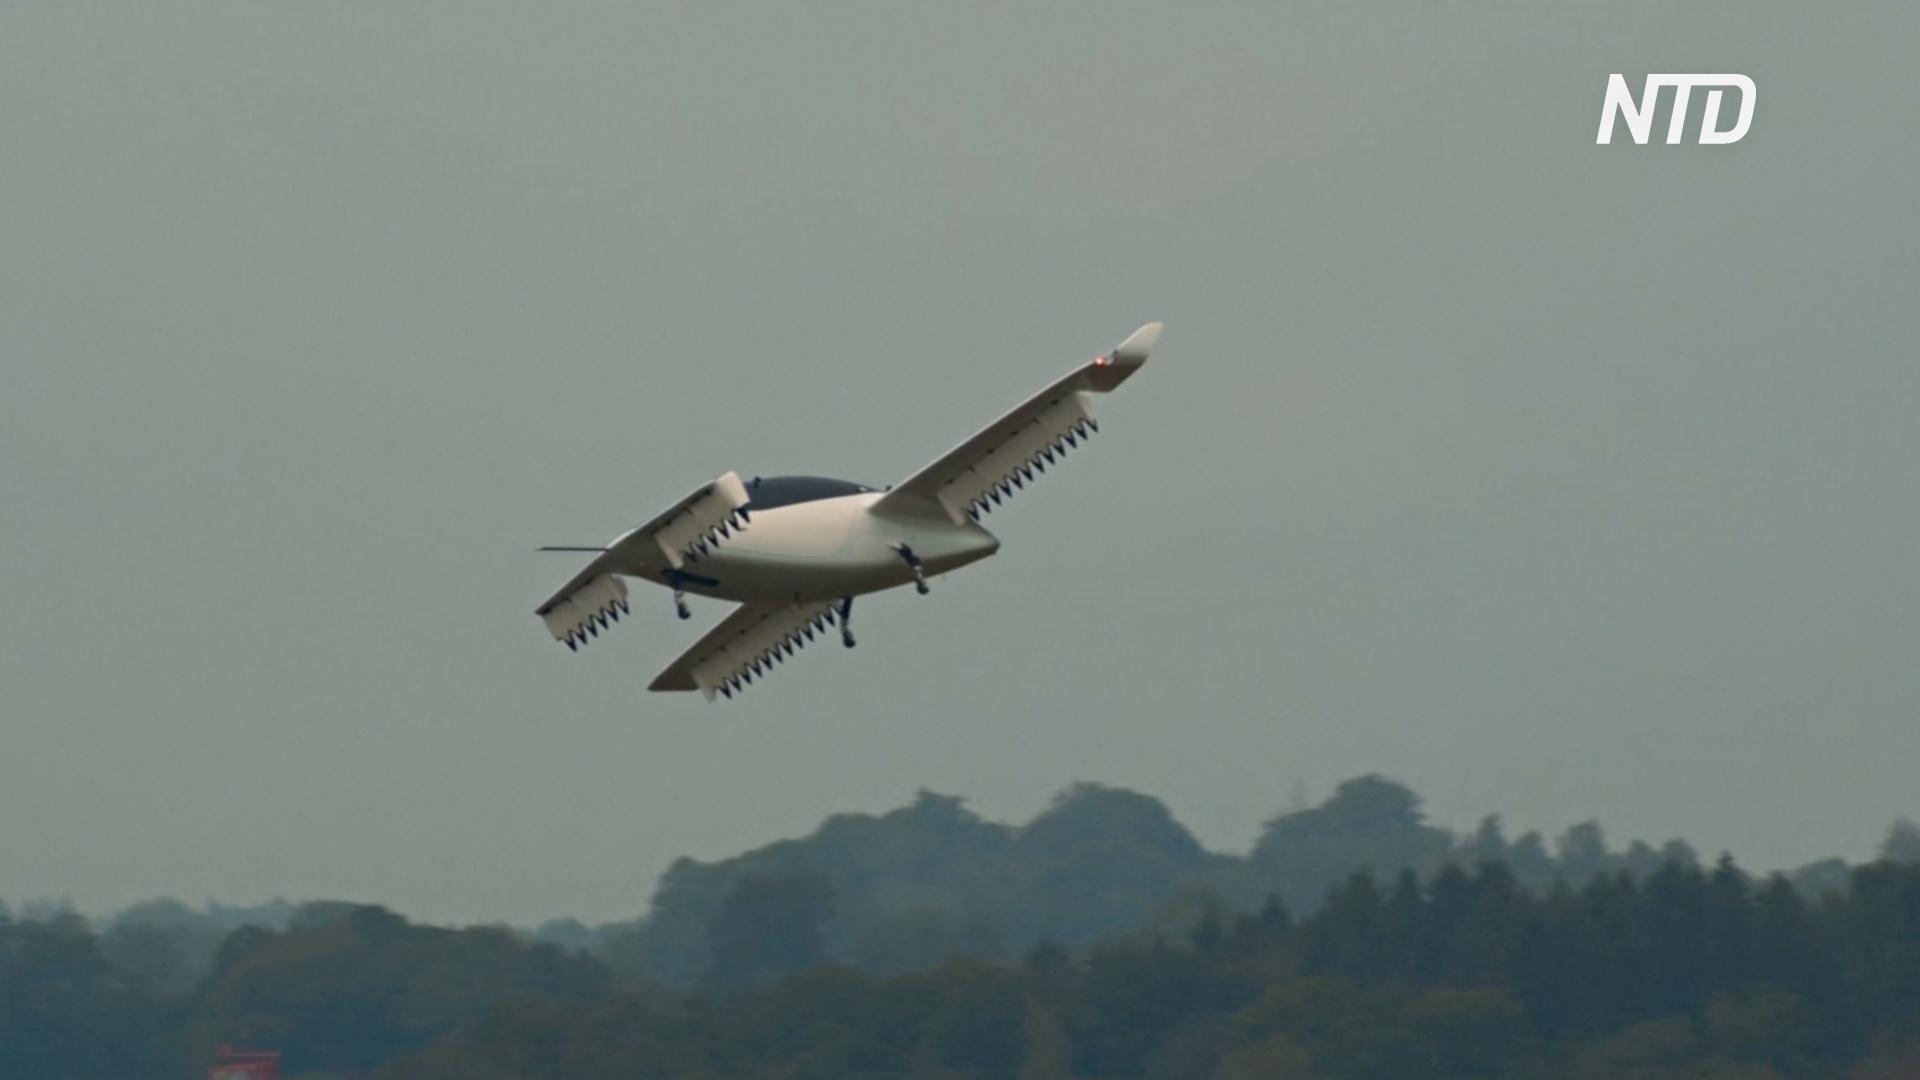 Летающее такси Lilium смогло разогнаться быстрее 100 км/ч